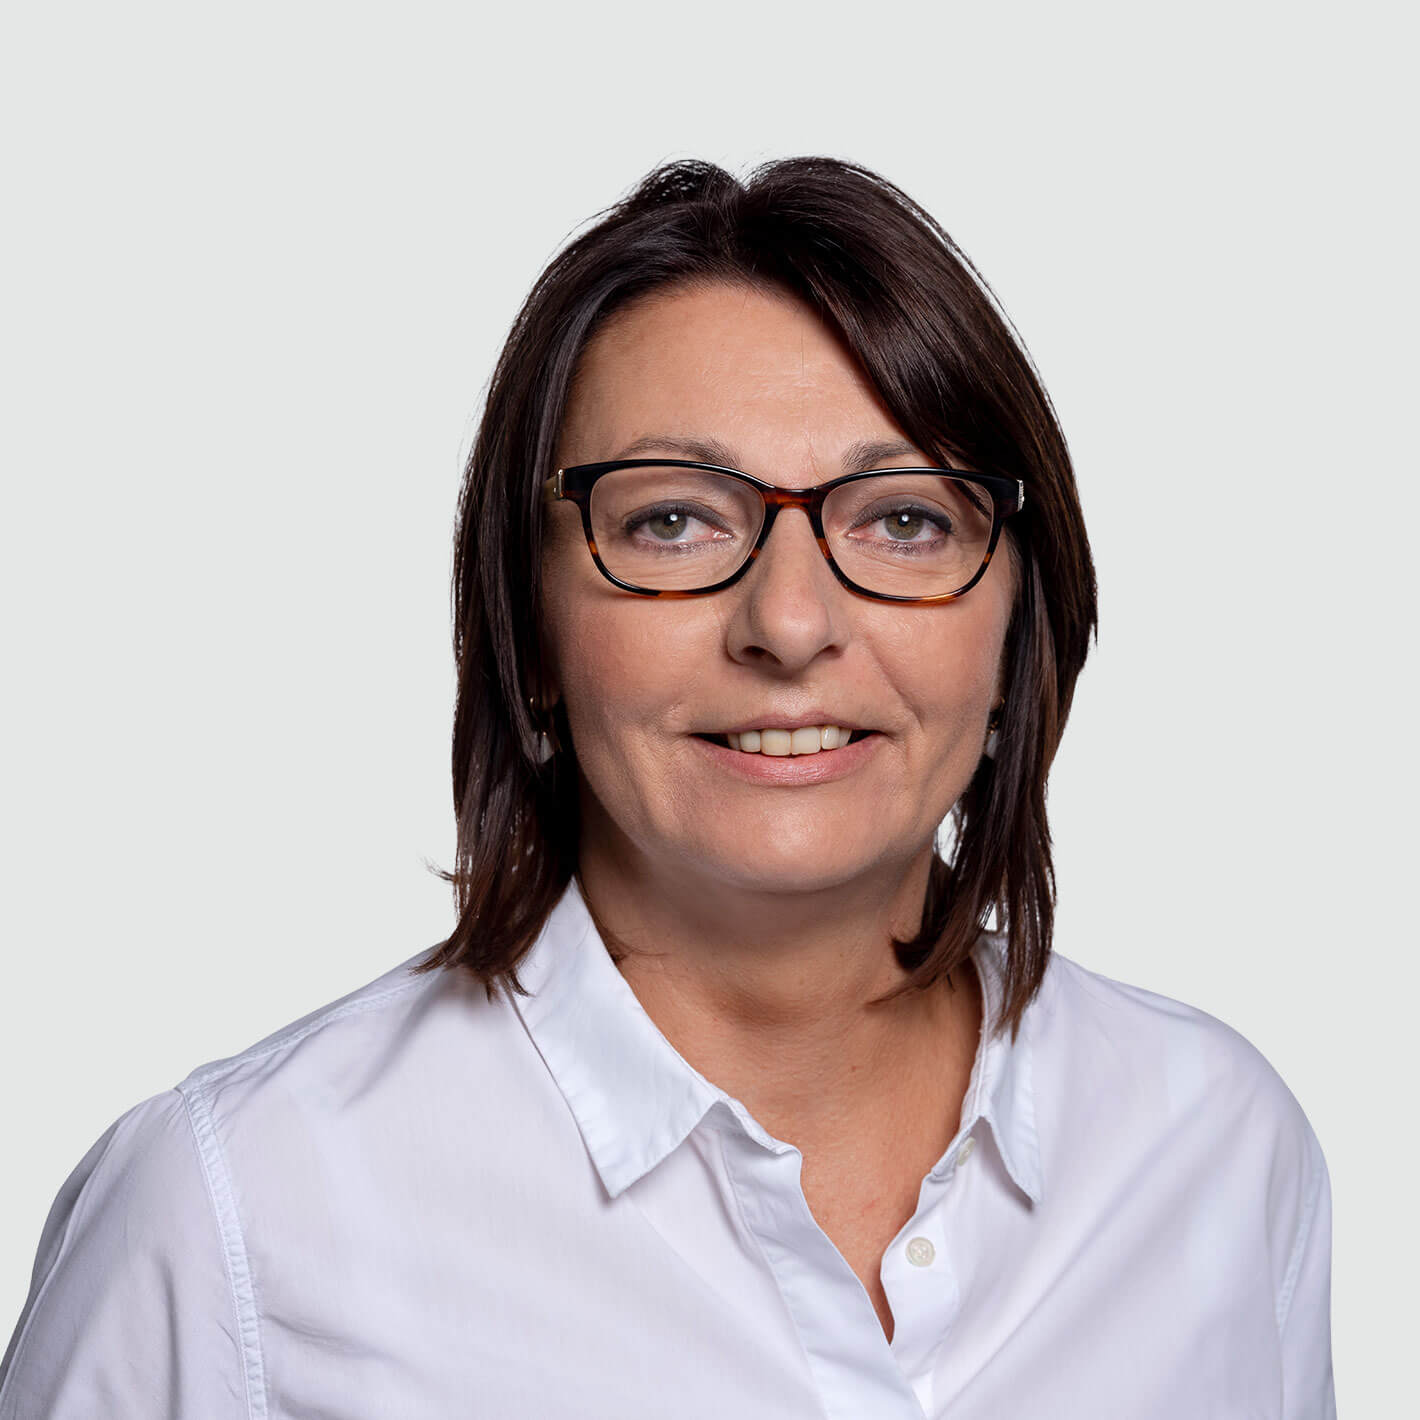 Heidi Reggers